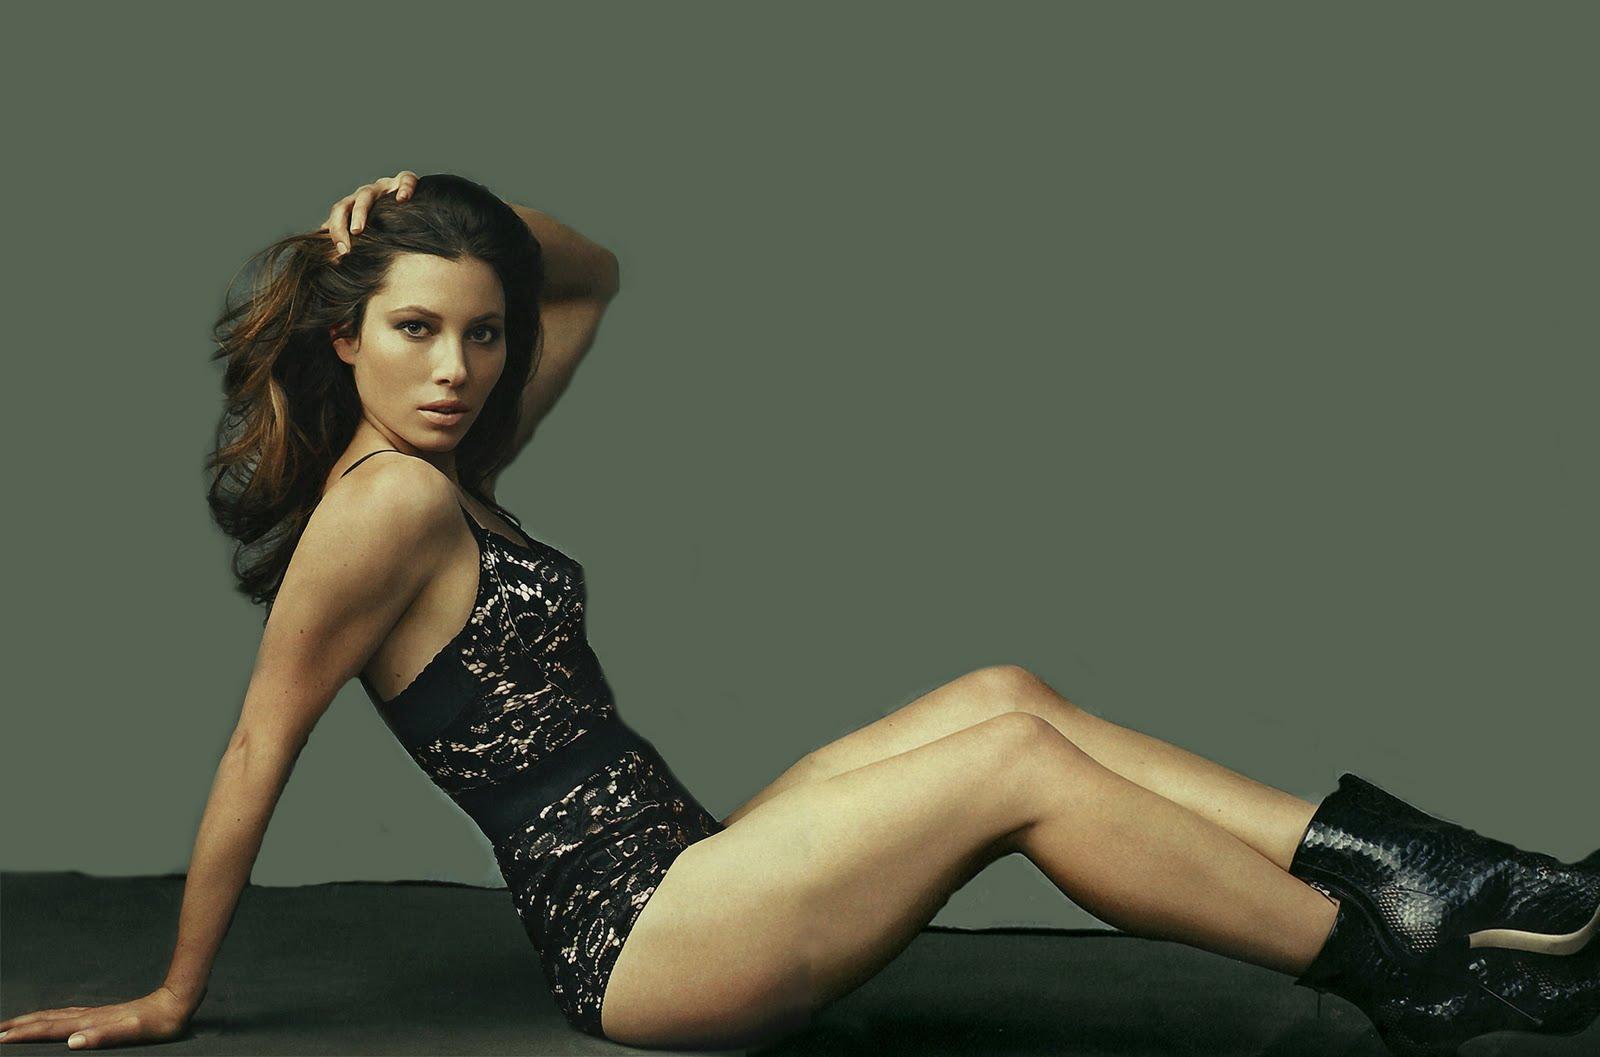 http://3.bp.blogspot.com/_LmbmEVwGjUQ/TEA-nnkaxJI/AAAAAAAABZ0/F9kioixnfhY/s1600/jessica-biel-glamour-uk-04.jpg